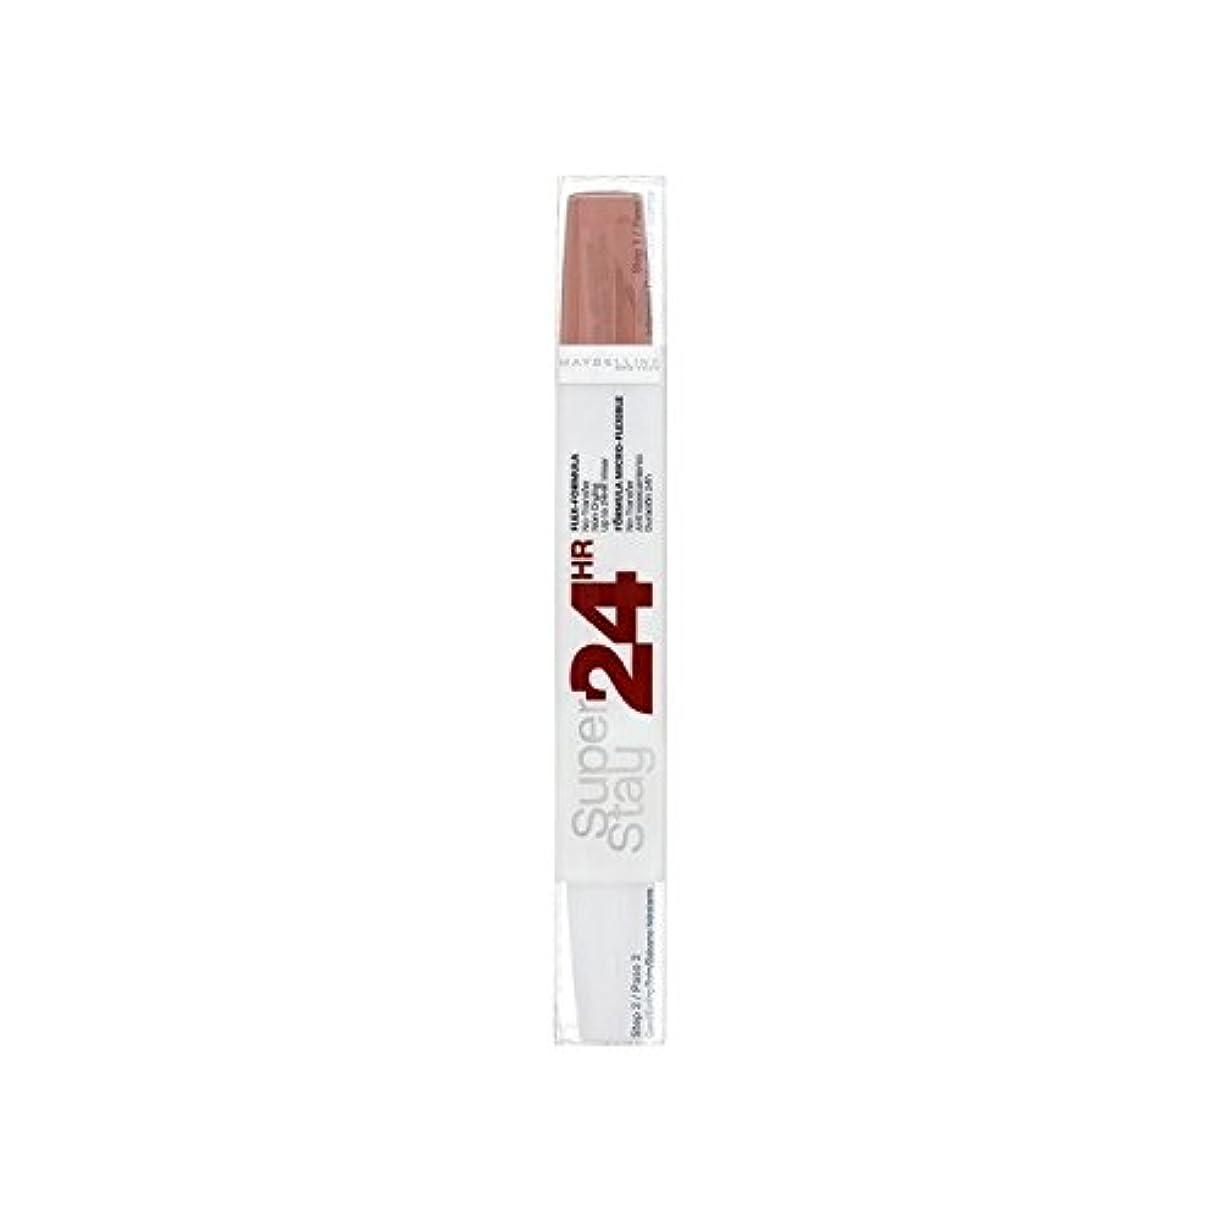 レース削減召集するMaybelline SuperStay24H Dual Lipstick 611 Cr?me Caramel 9ml (Pack of 6) - メイベリン24デュアル口紅611カスタードプディングの9ミリリットル x6 [並行輸入品]